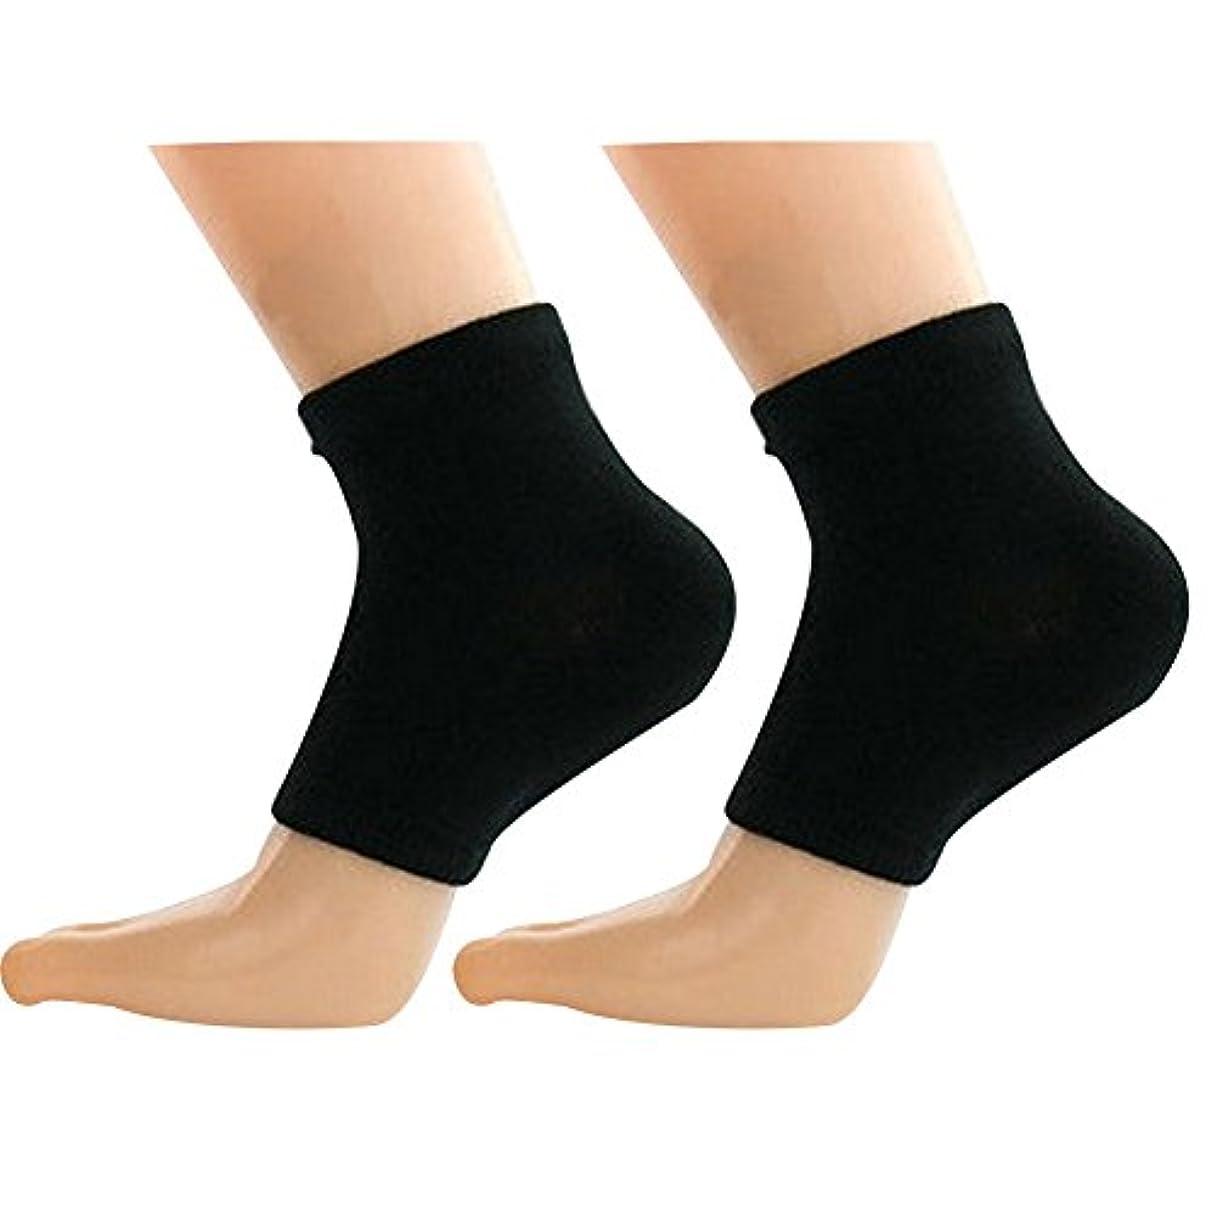 混乱苦しめる騒乱QIAONAI レディース用 メンズ用 踵用カバー かかと 靴下 かかと ケア つるつる すべすべ 靴下 ソックス 角質ケア 保湿 角質除去 足ケア かかと 靴下 足首用サポーター  フリーサイズ (ブラック)